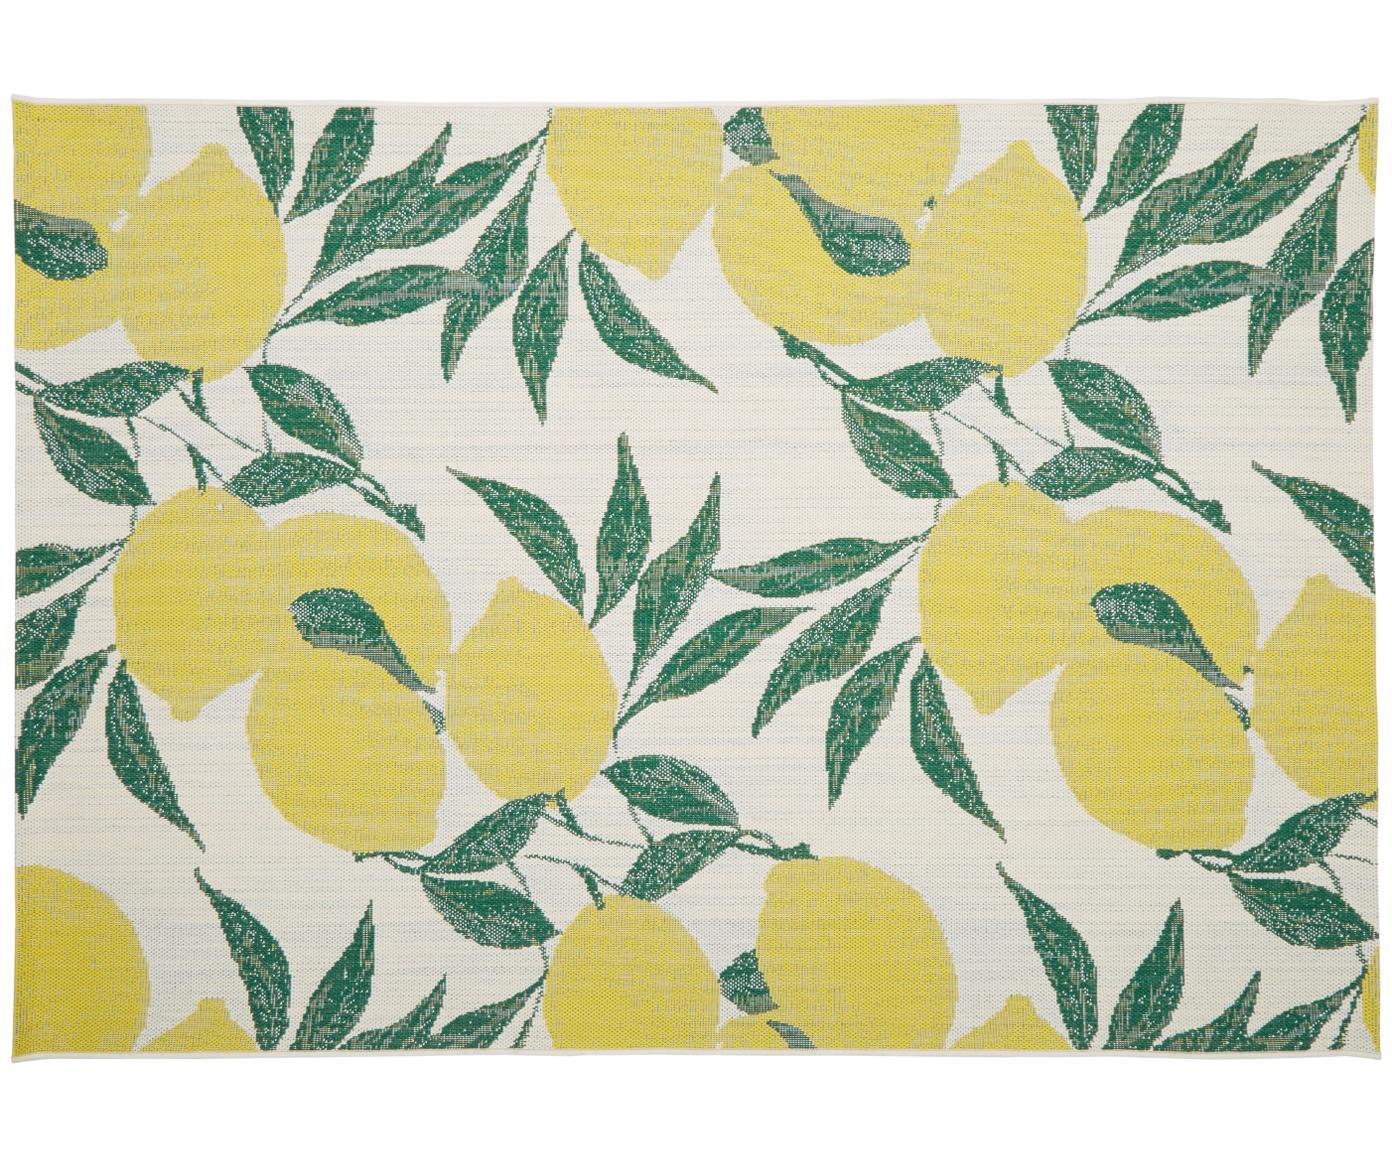 Dywan wewnętrzny/zewnętrzny Limonia, Kremowobiały, żółty, zielony, S 200 x D 290 cm (Rozmiar L)